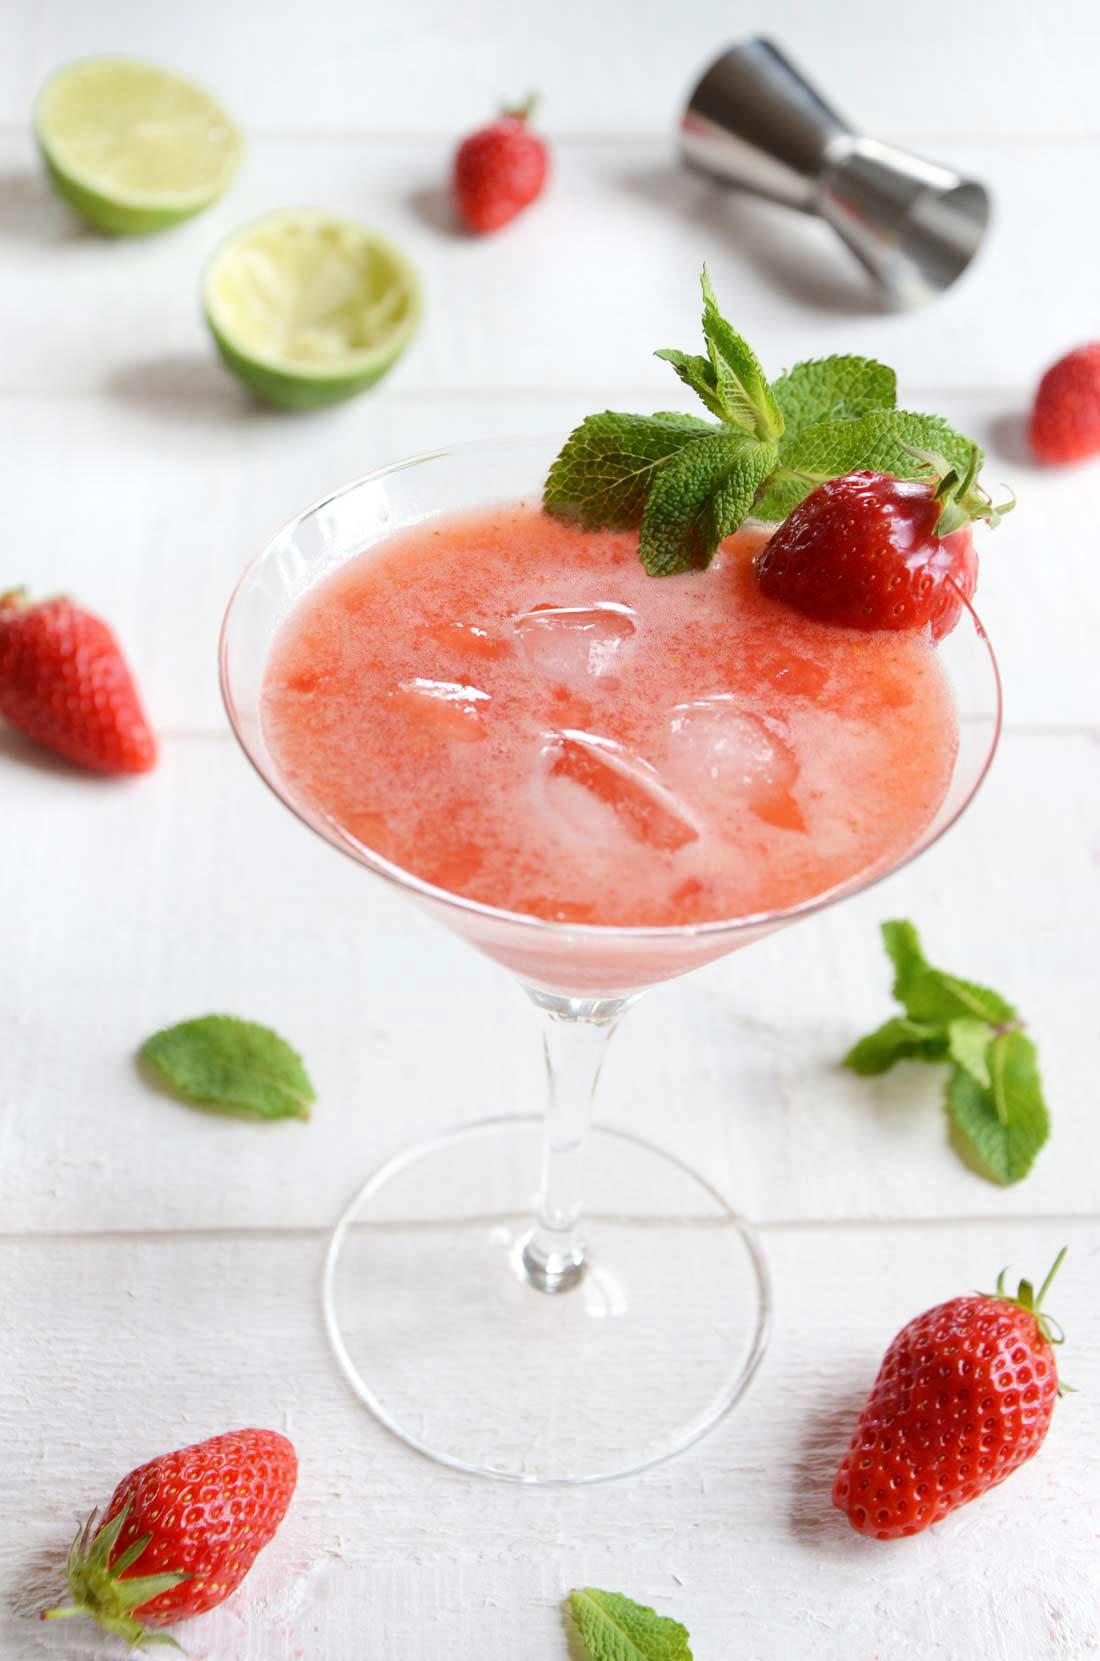 Cocktail liqueur de sureau, gin et fraises fraiches maison